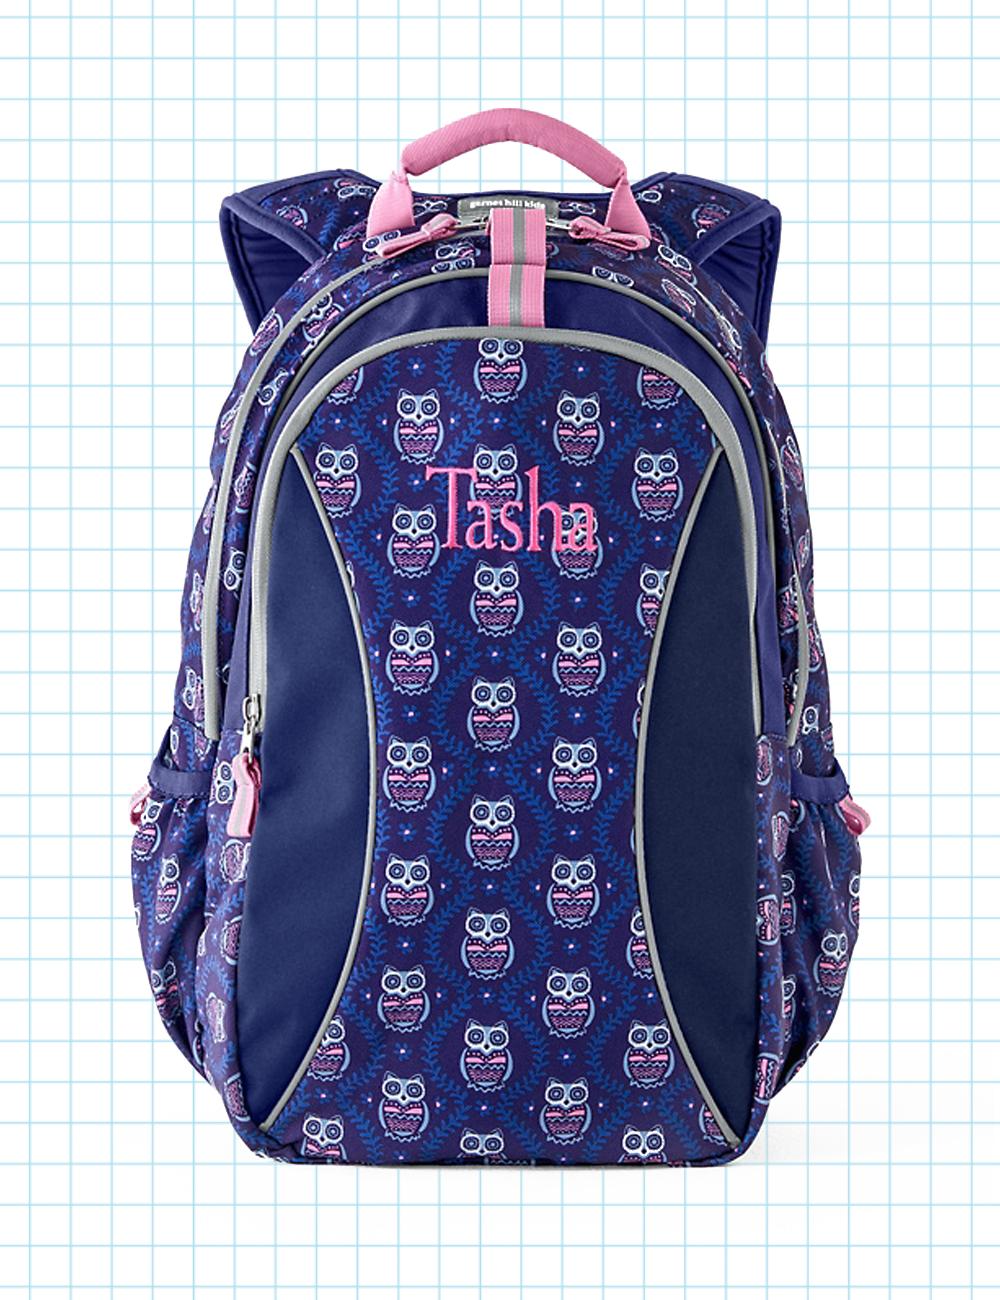 36fa1def380c Garnet Hill Eco Signature Backpack